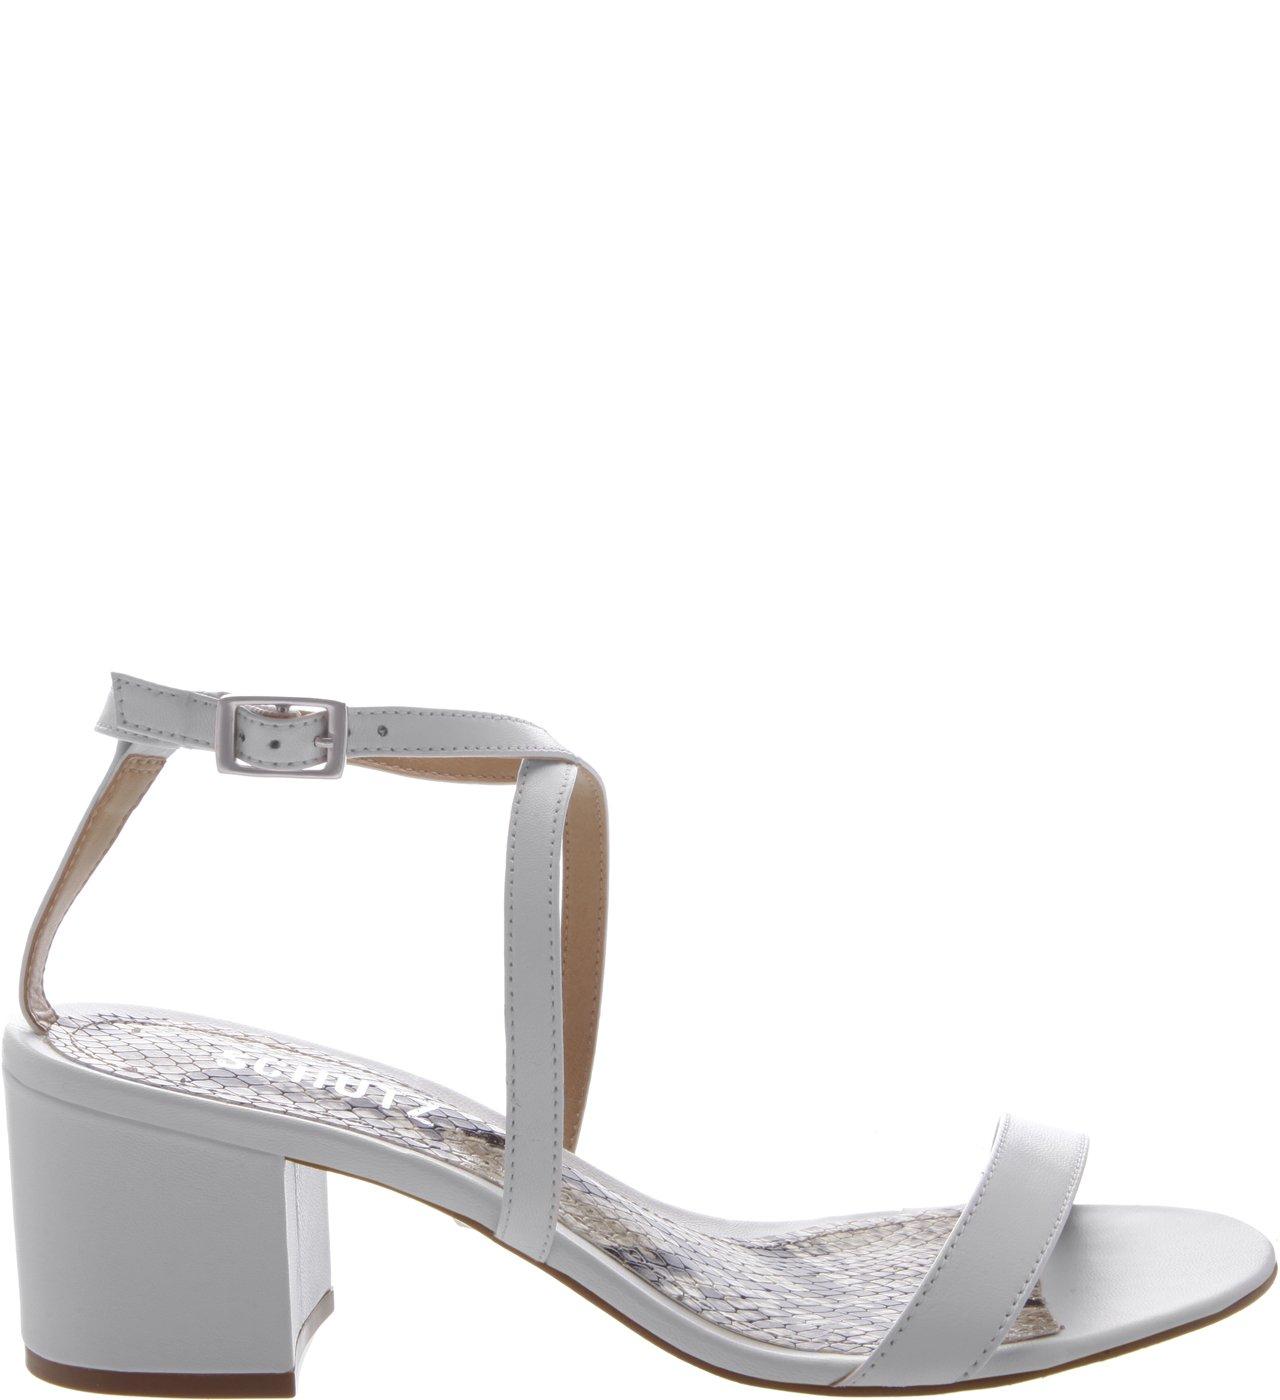 Sandália Block Heel Minimal Python White | Schutz